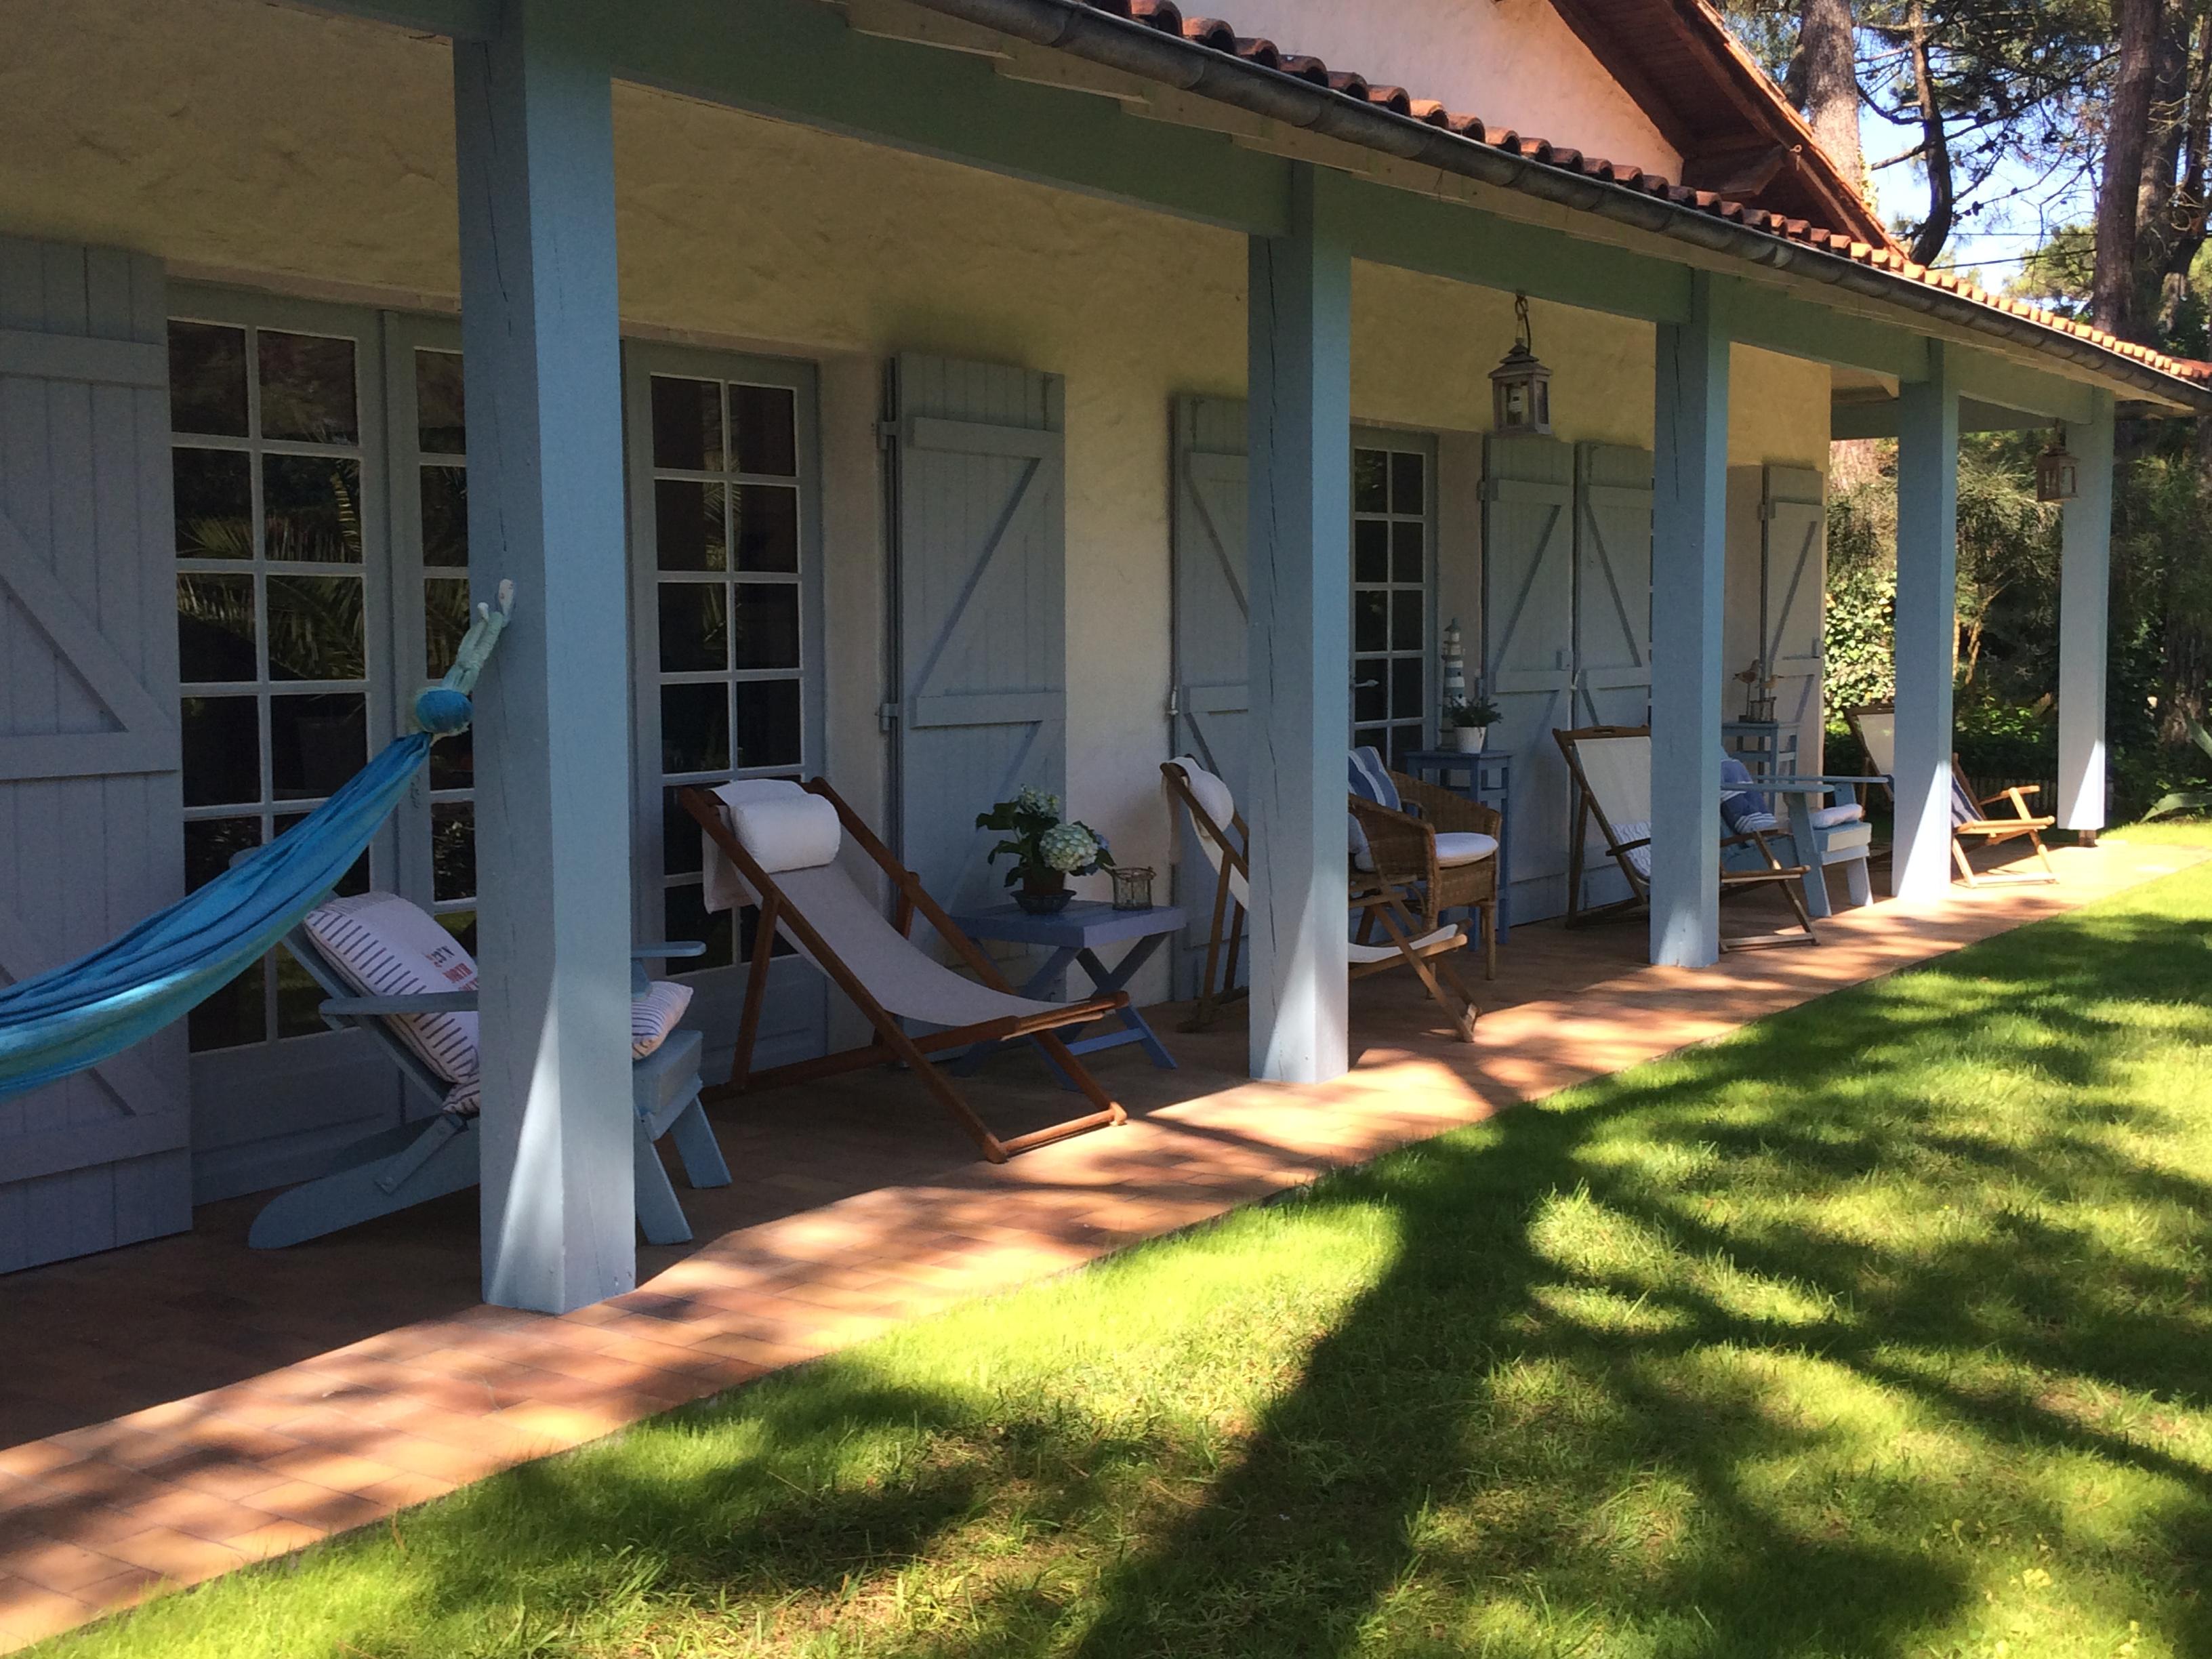 Maison Cap-ferret - 8 personnes - location vacances  n°46151